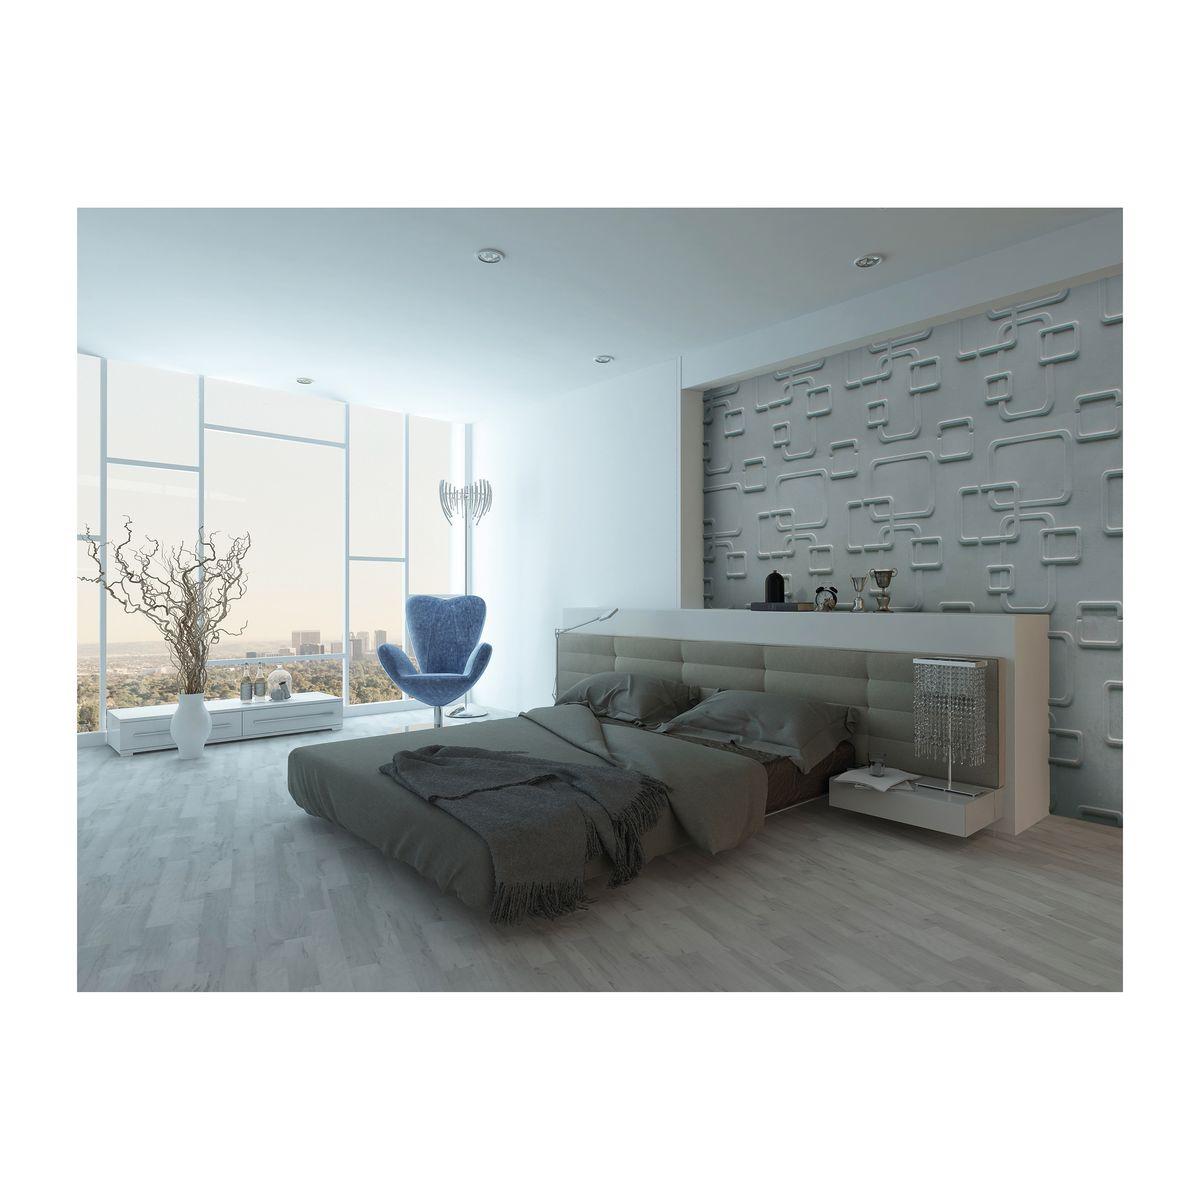 Decorazioni adesive per pareti leroy merlin great da for Decorazioni pareti leroy merlin